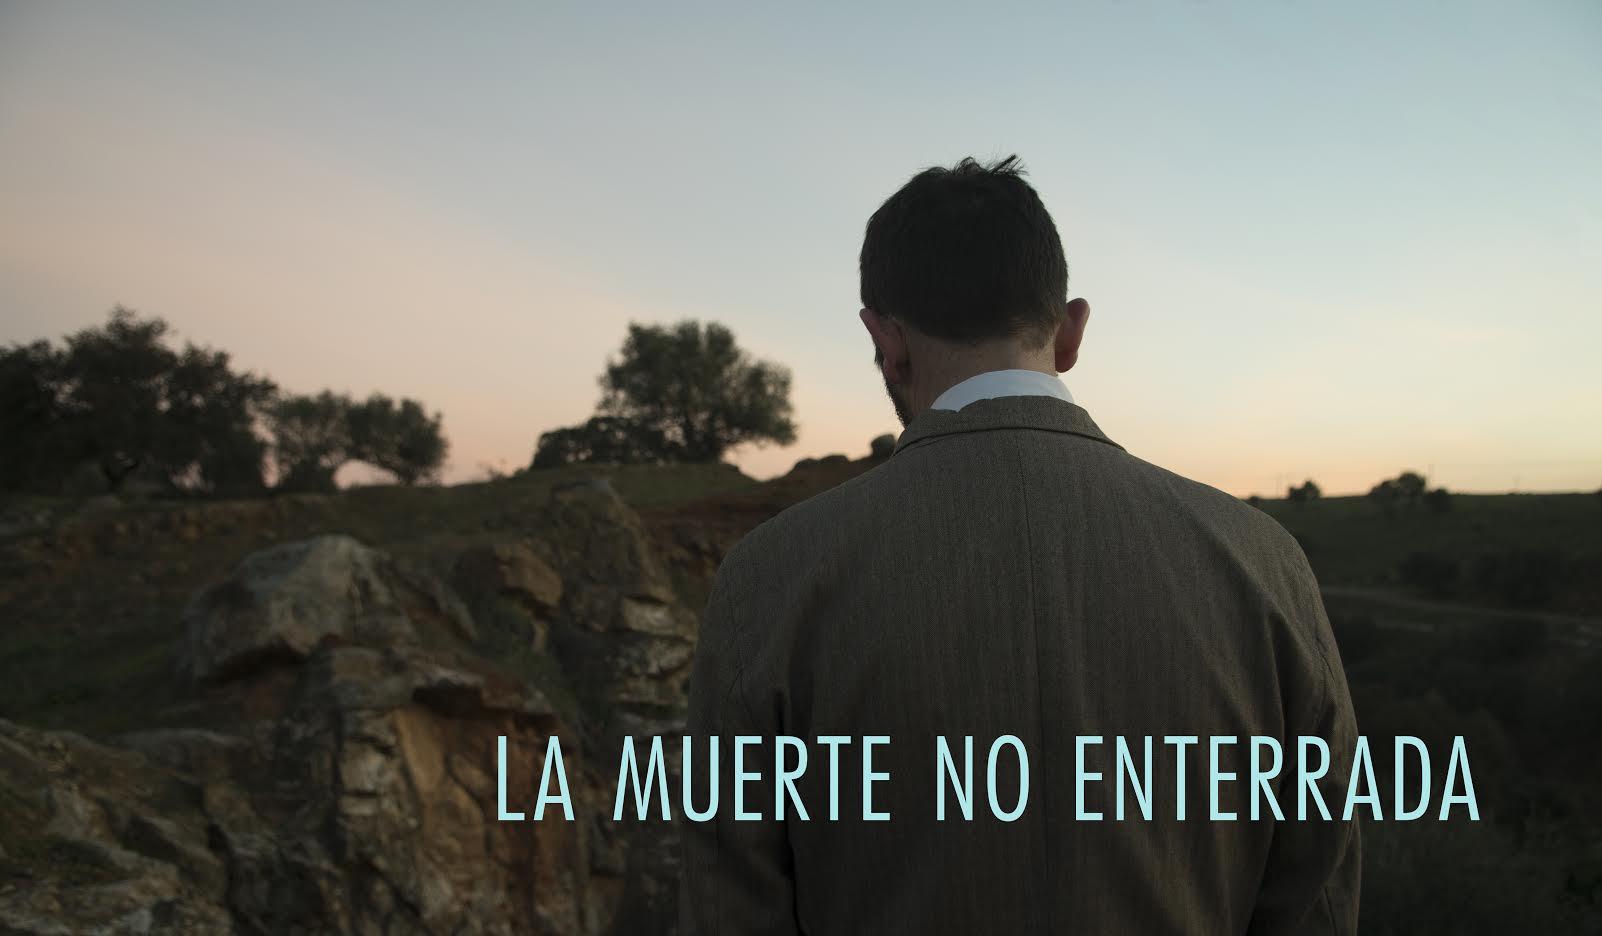 Juan-Ramon_Barbancho-La_muerte_no_enterrada_WORK